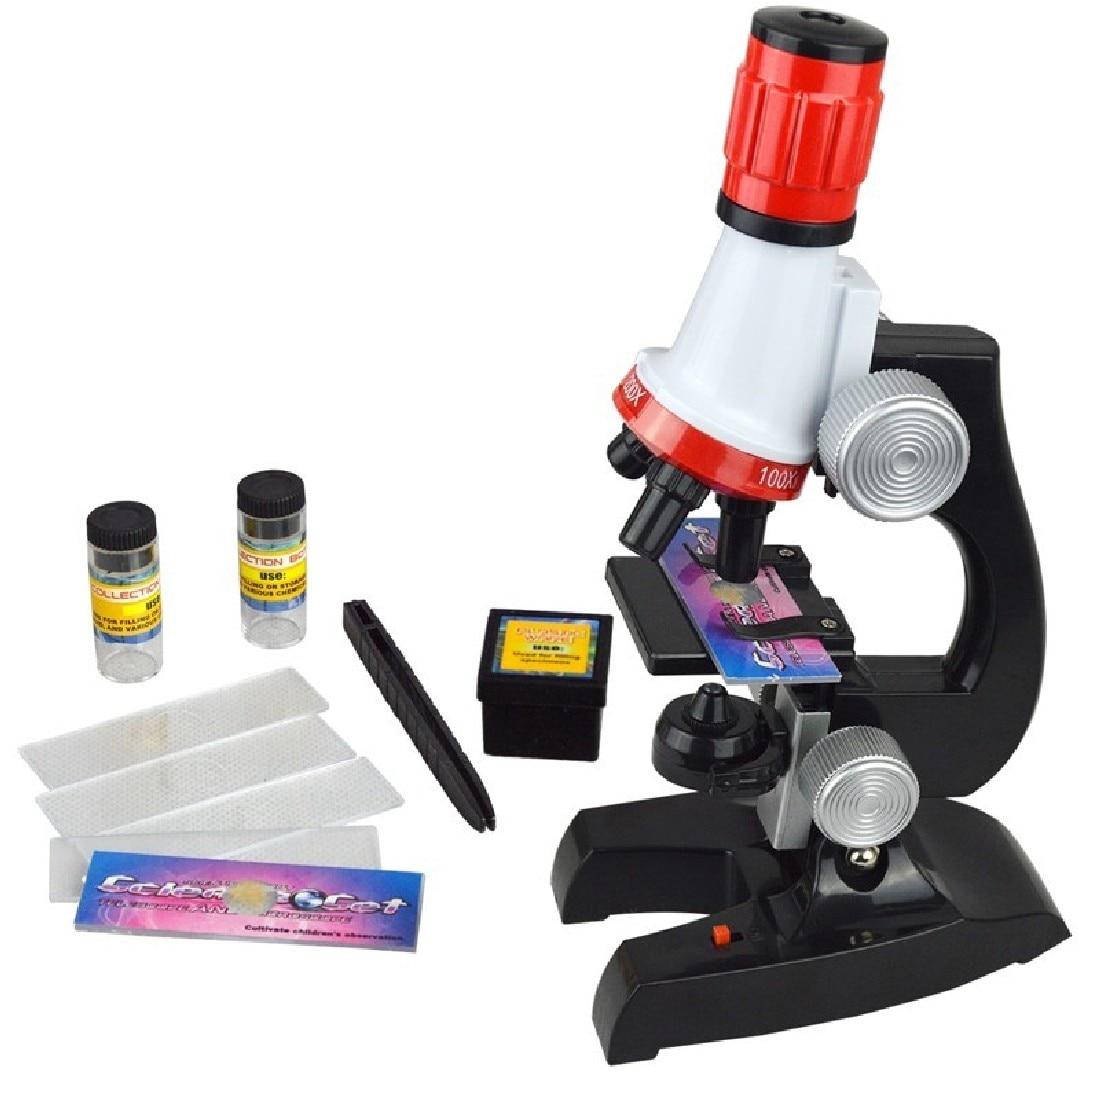 1 stücke Design Mikroskop 100X 400X 1200X Beleuchtet Monokulare Biologisches Mikroskop Für Kinder Bildung Spielzeug Werkzeug